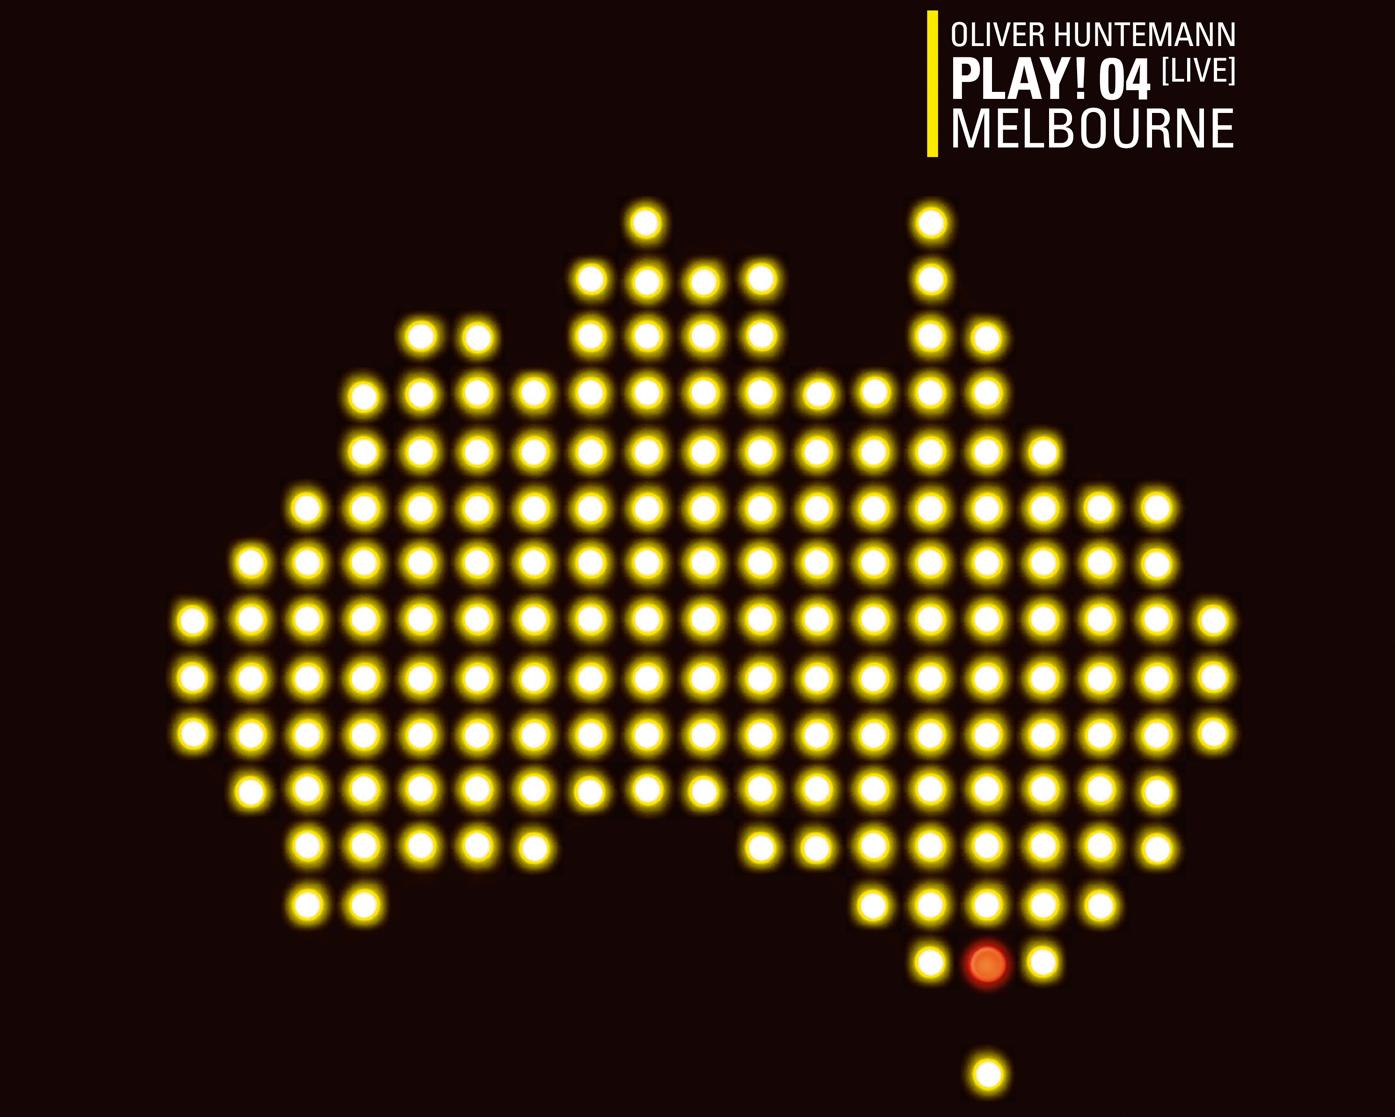 Oliver Huntemann präsentiert den vierten Teil der PLAY!-Serie: Live In Melbourne